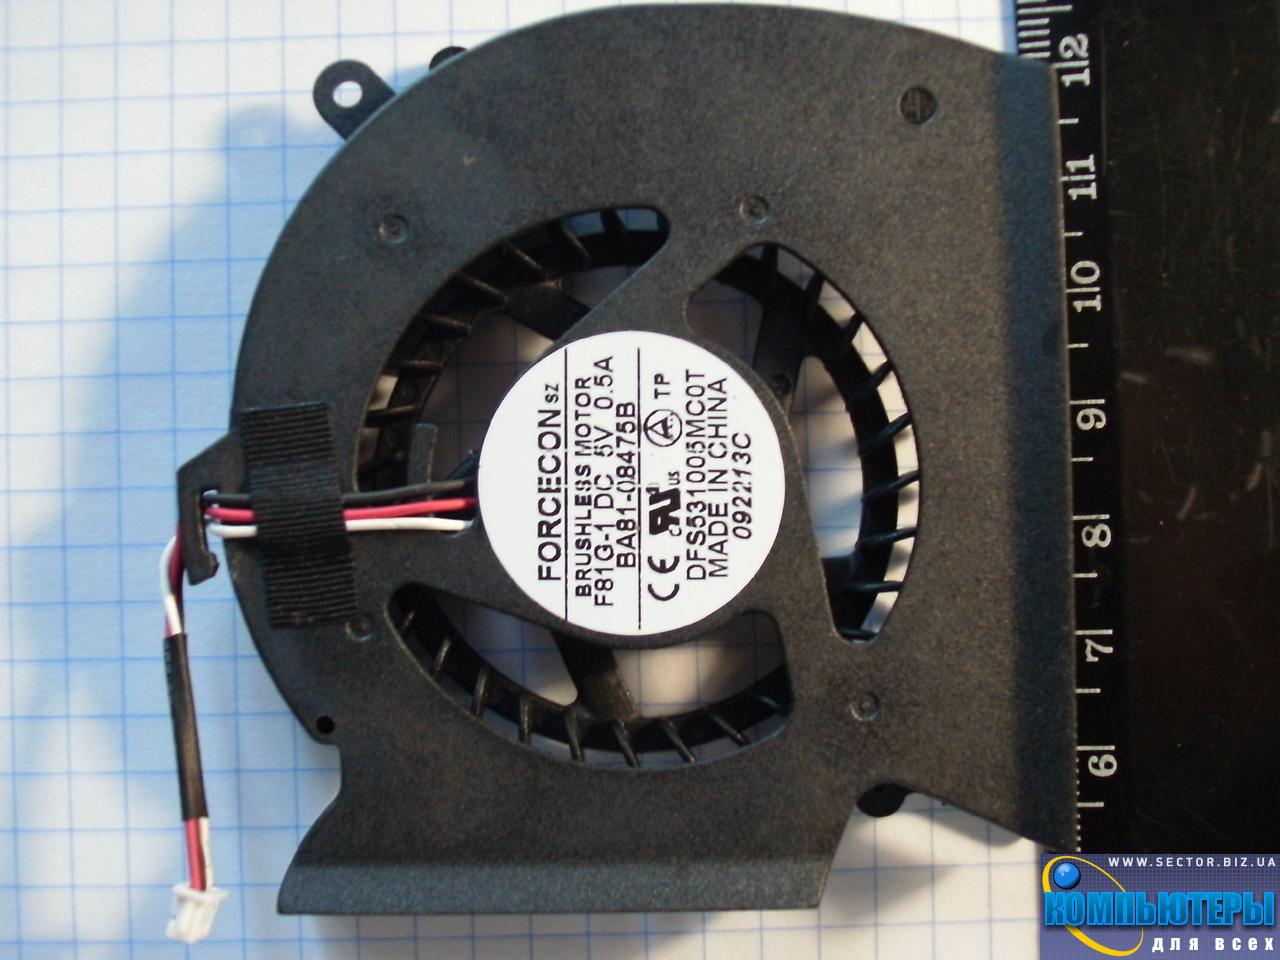 Кулер к ноутбуку Samsung P530 R523 R525 R528 R530 R538 R540 p/n: DFS531005MC0T F81G-1. Фото № 5.